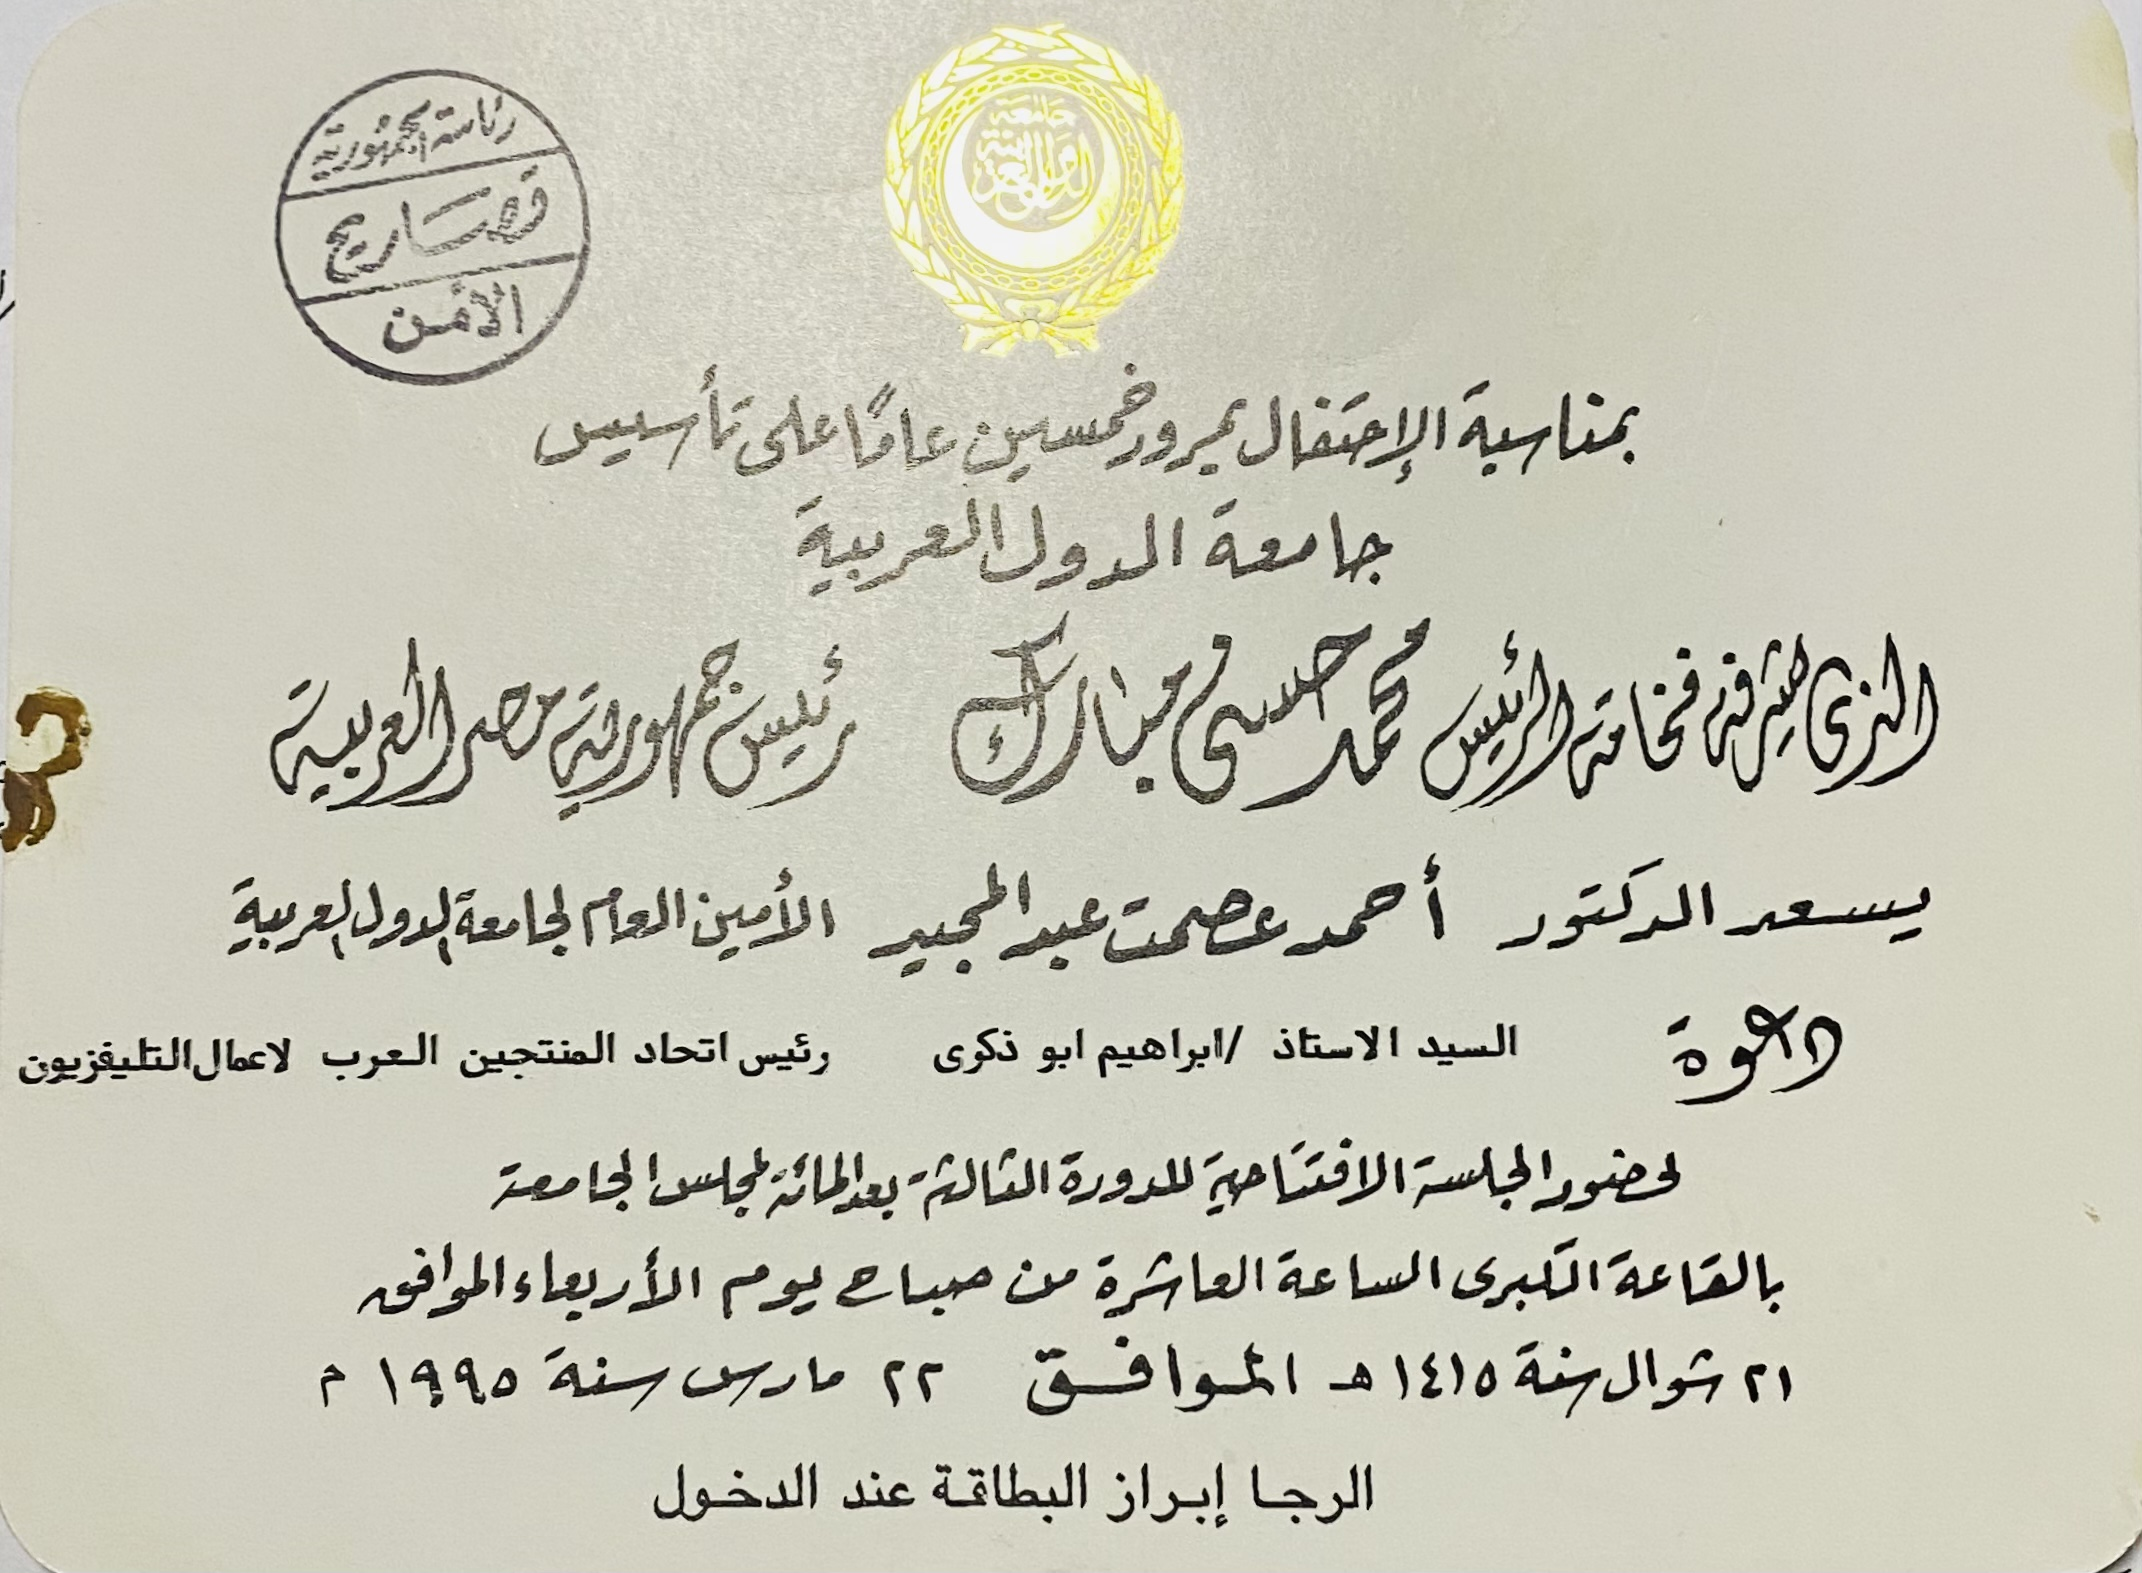 صورة الدعوة الرسمية لحضور مجلس الجامعة العربية 1995